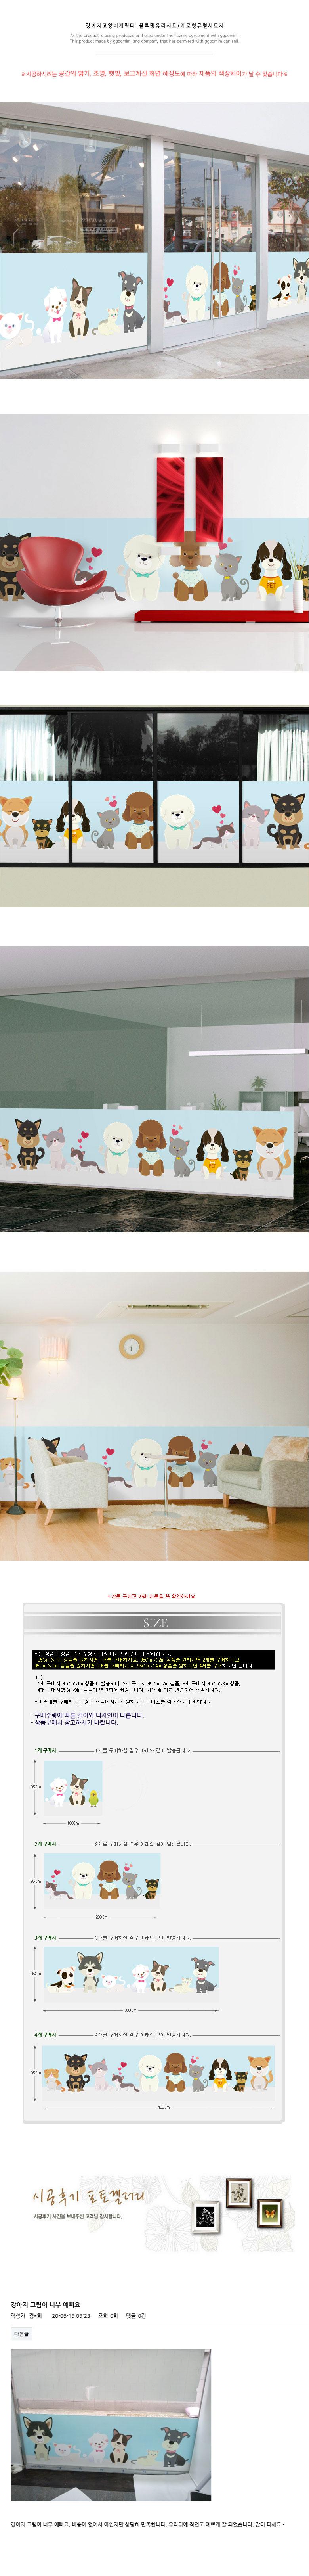 강아지고양이캐릭터_불투명유리시트지 - 꾸밈, 22,400원, 벽지/시트지, 디자인 시트지